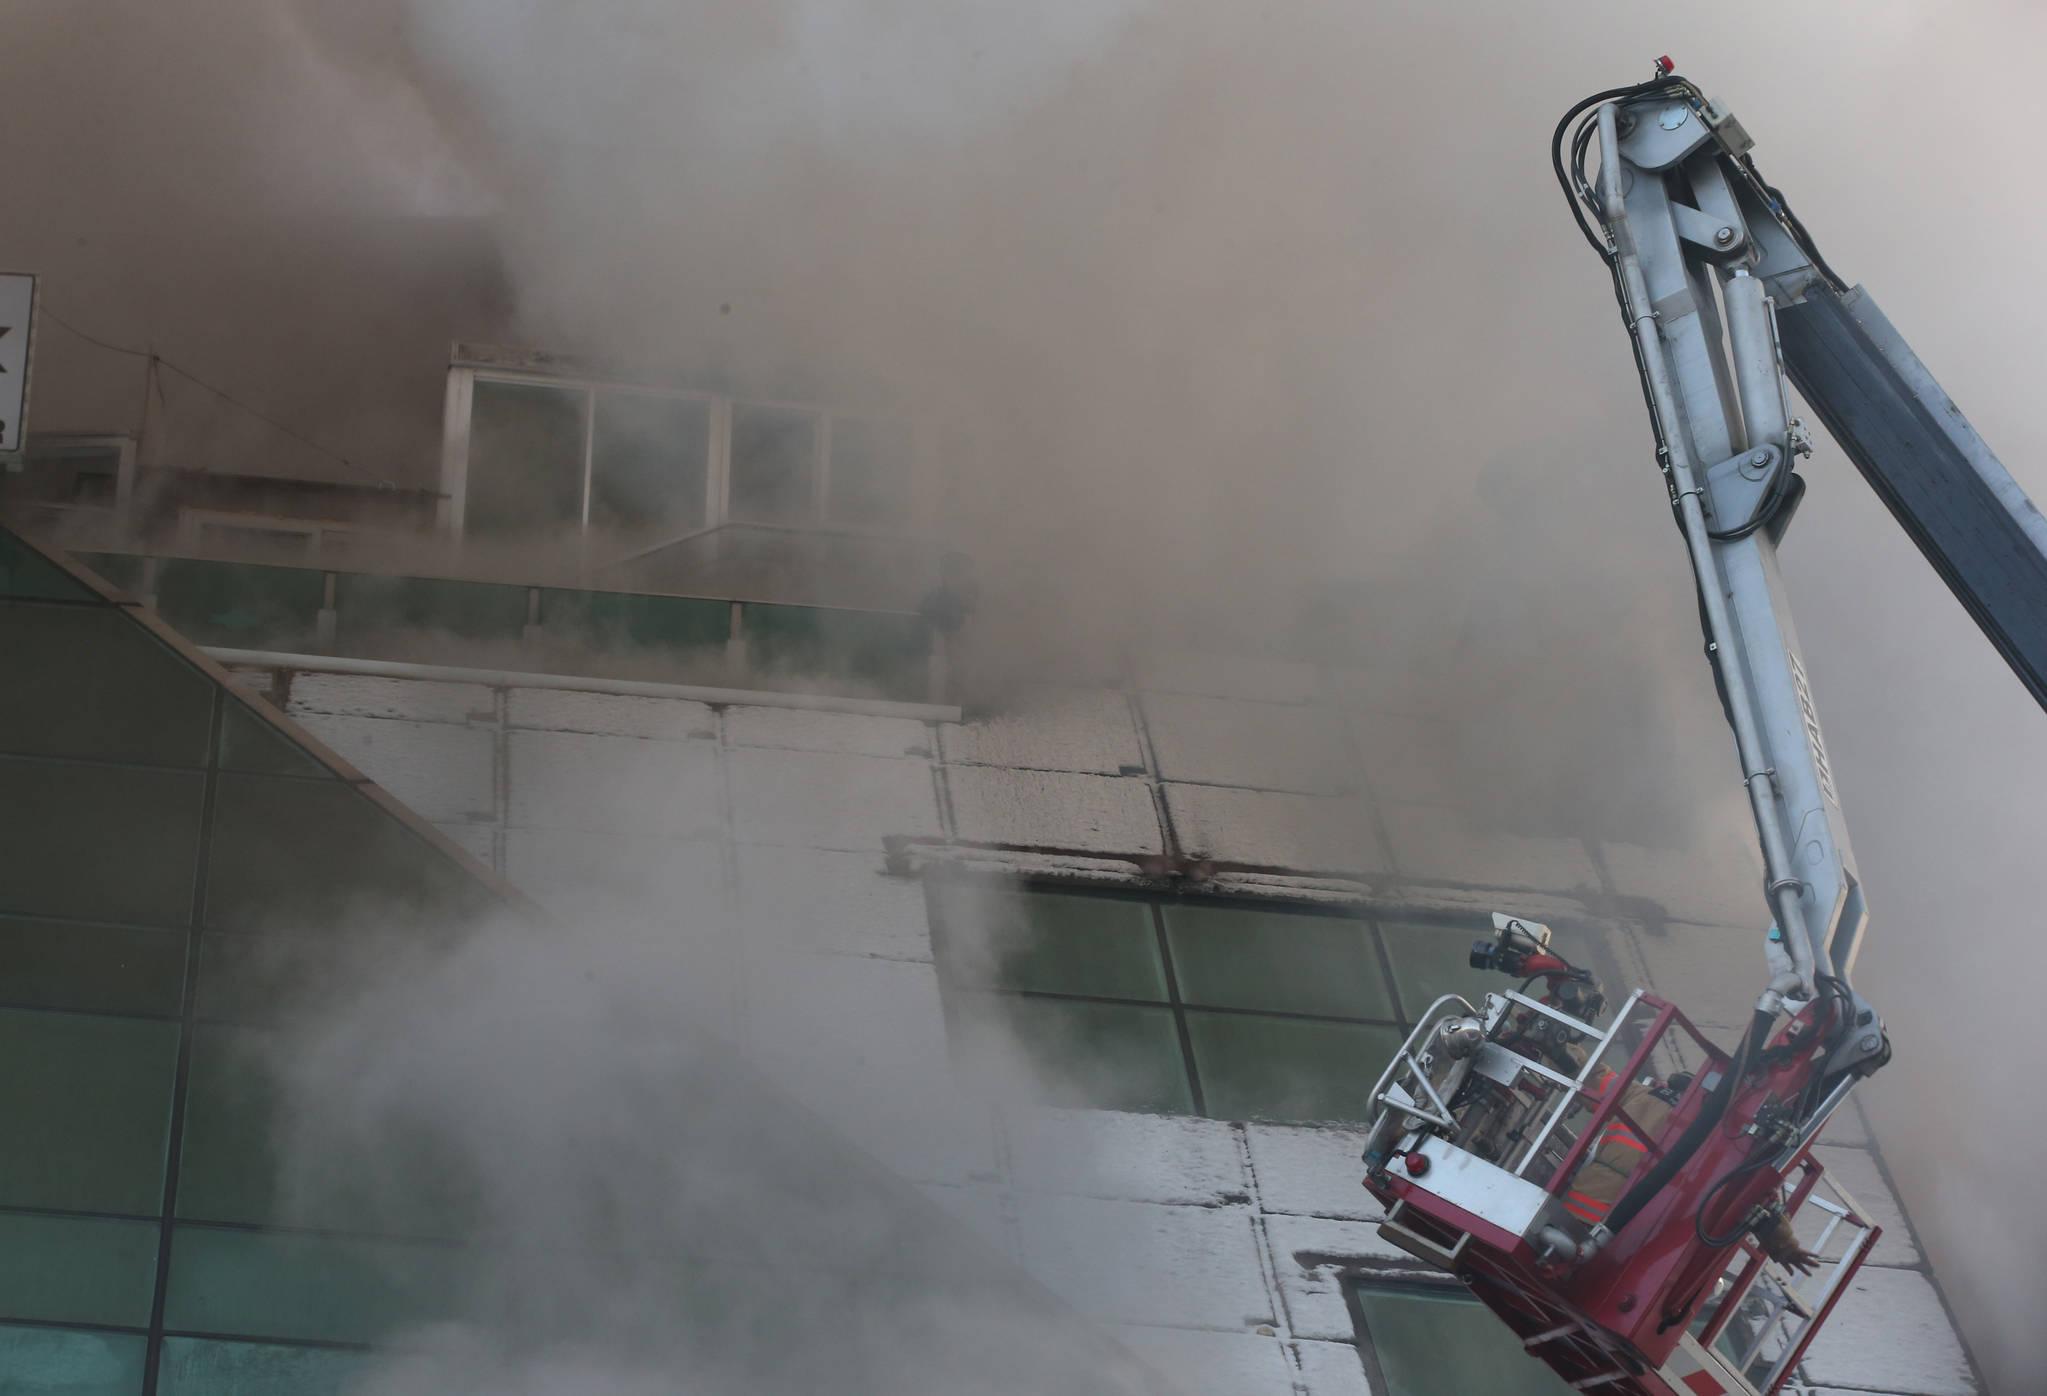 21일 오후 충북 제천시 하소동의 '노블 피트니스센터'에서 불이 나 소방당국이 진화 작업을 벌이고 있다. [연합뉴스]